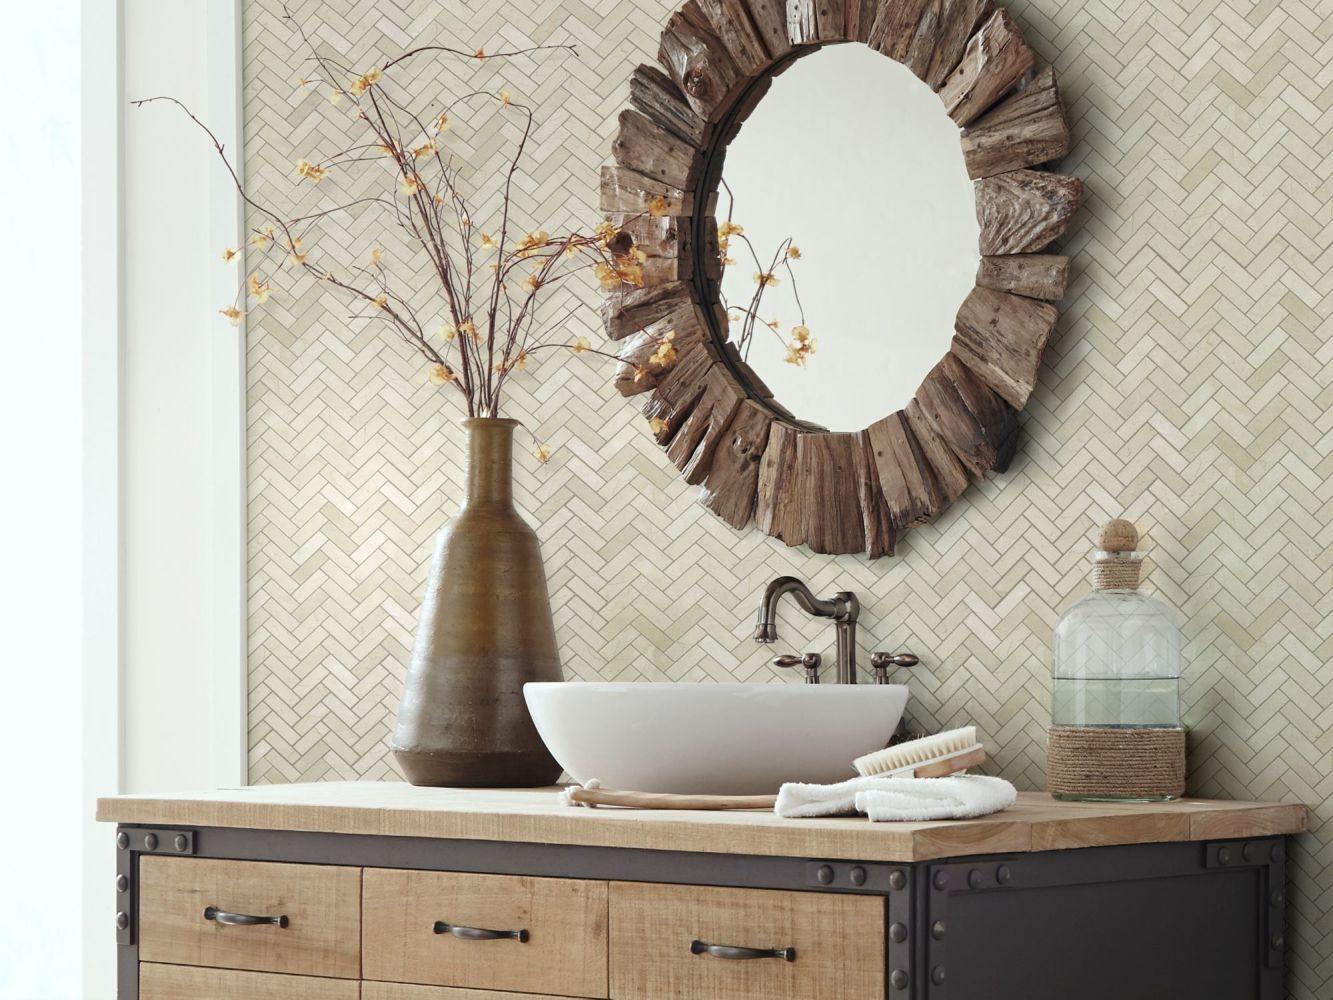 Shaw Floors Home Fn Gold Ceramic Estate Herringbone Mosaic Crema Marfil 00200_TGN88